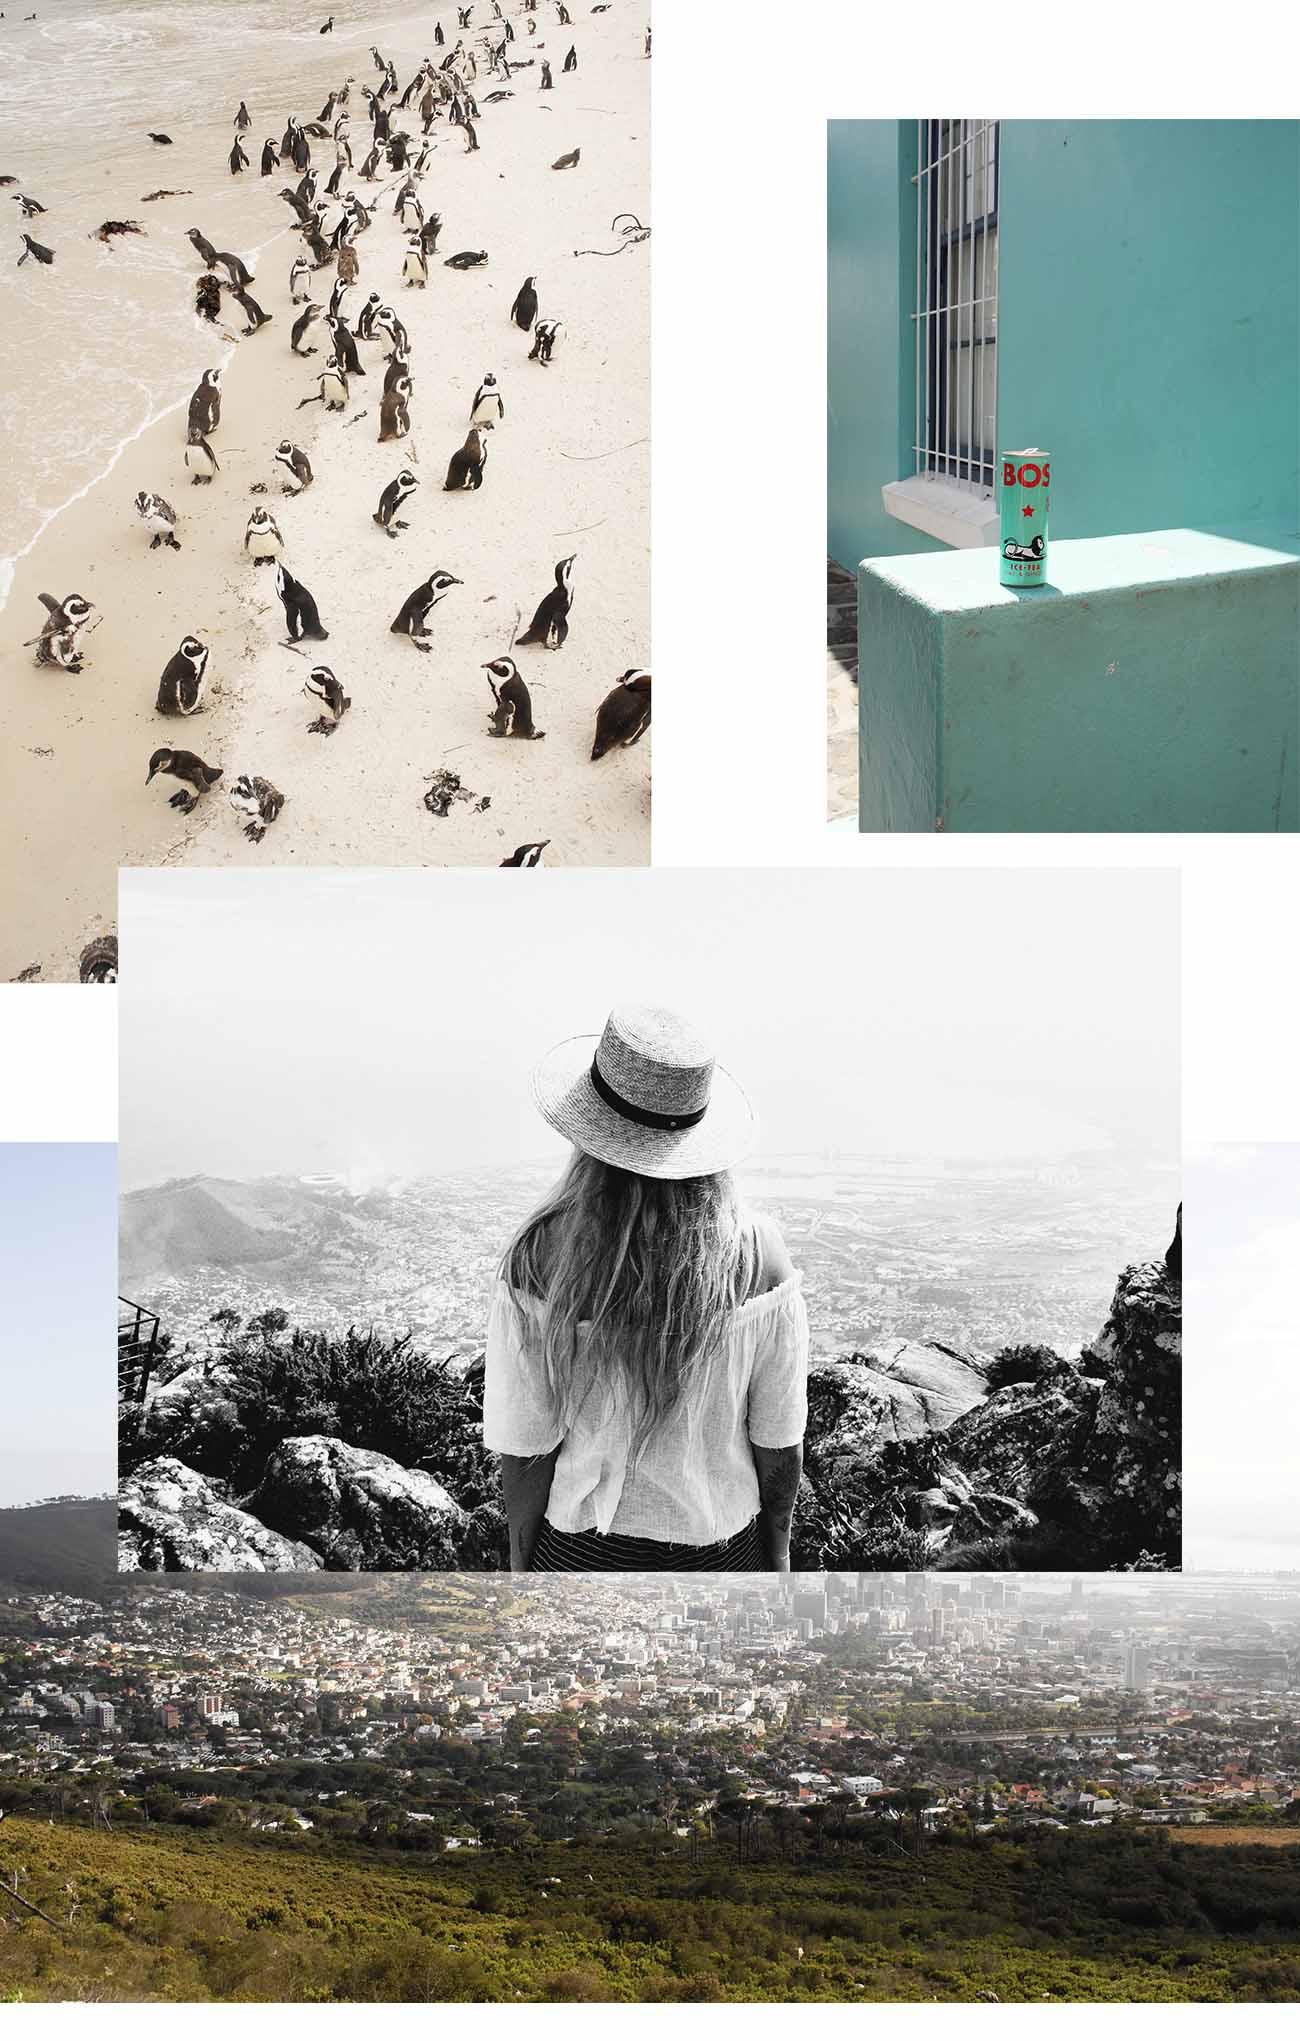 pingouins-beach-capetown